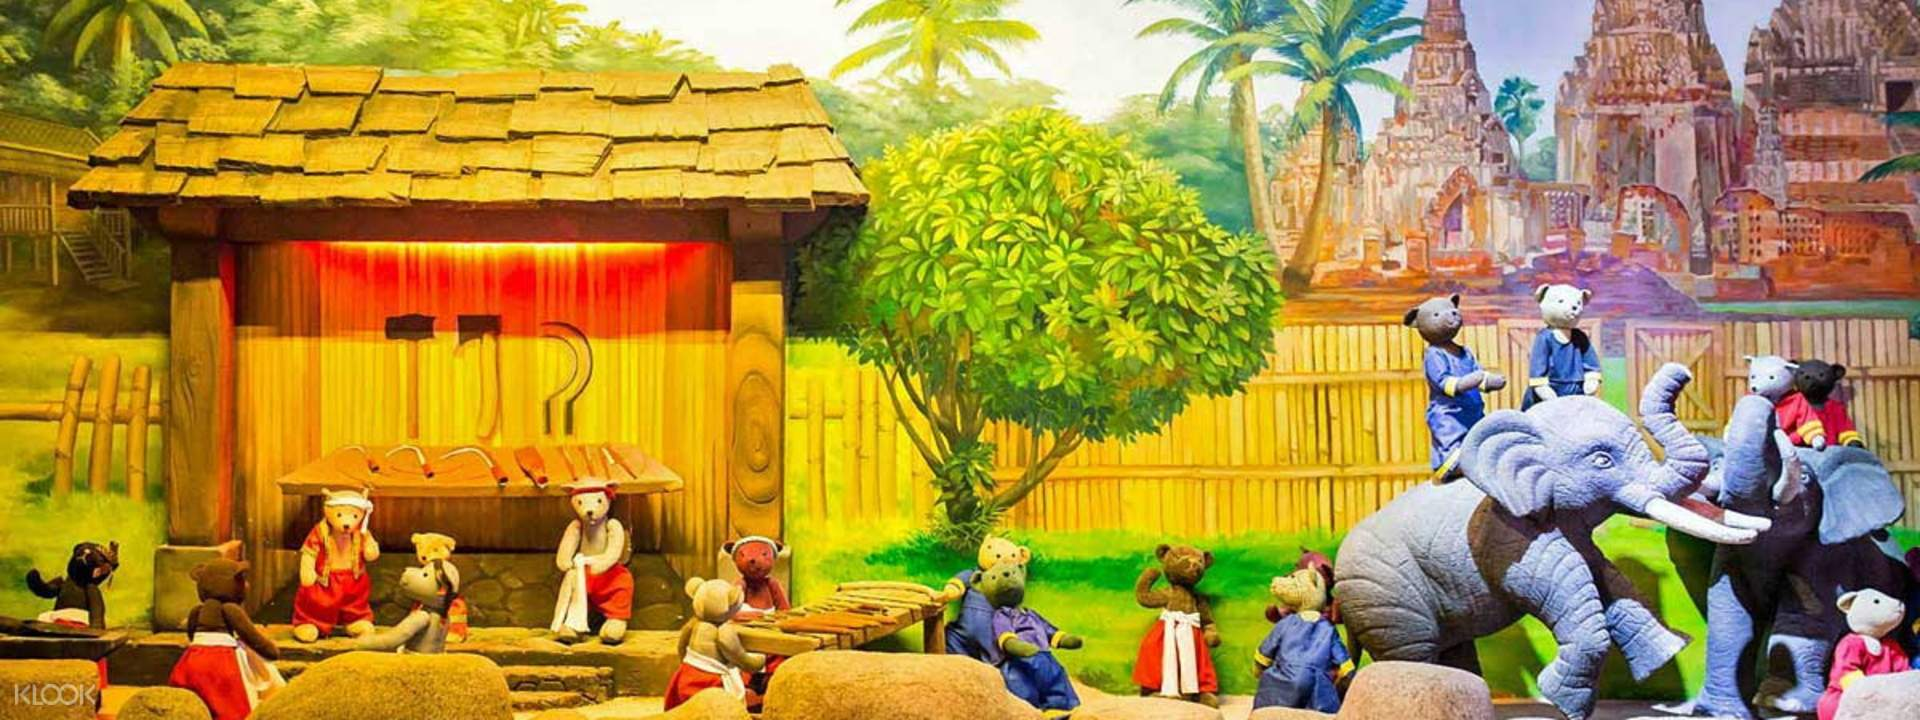 ผลการค้นหารูปภาพสำหรับ Teddybear Museum Pattaya